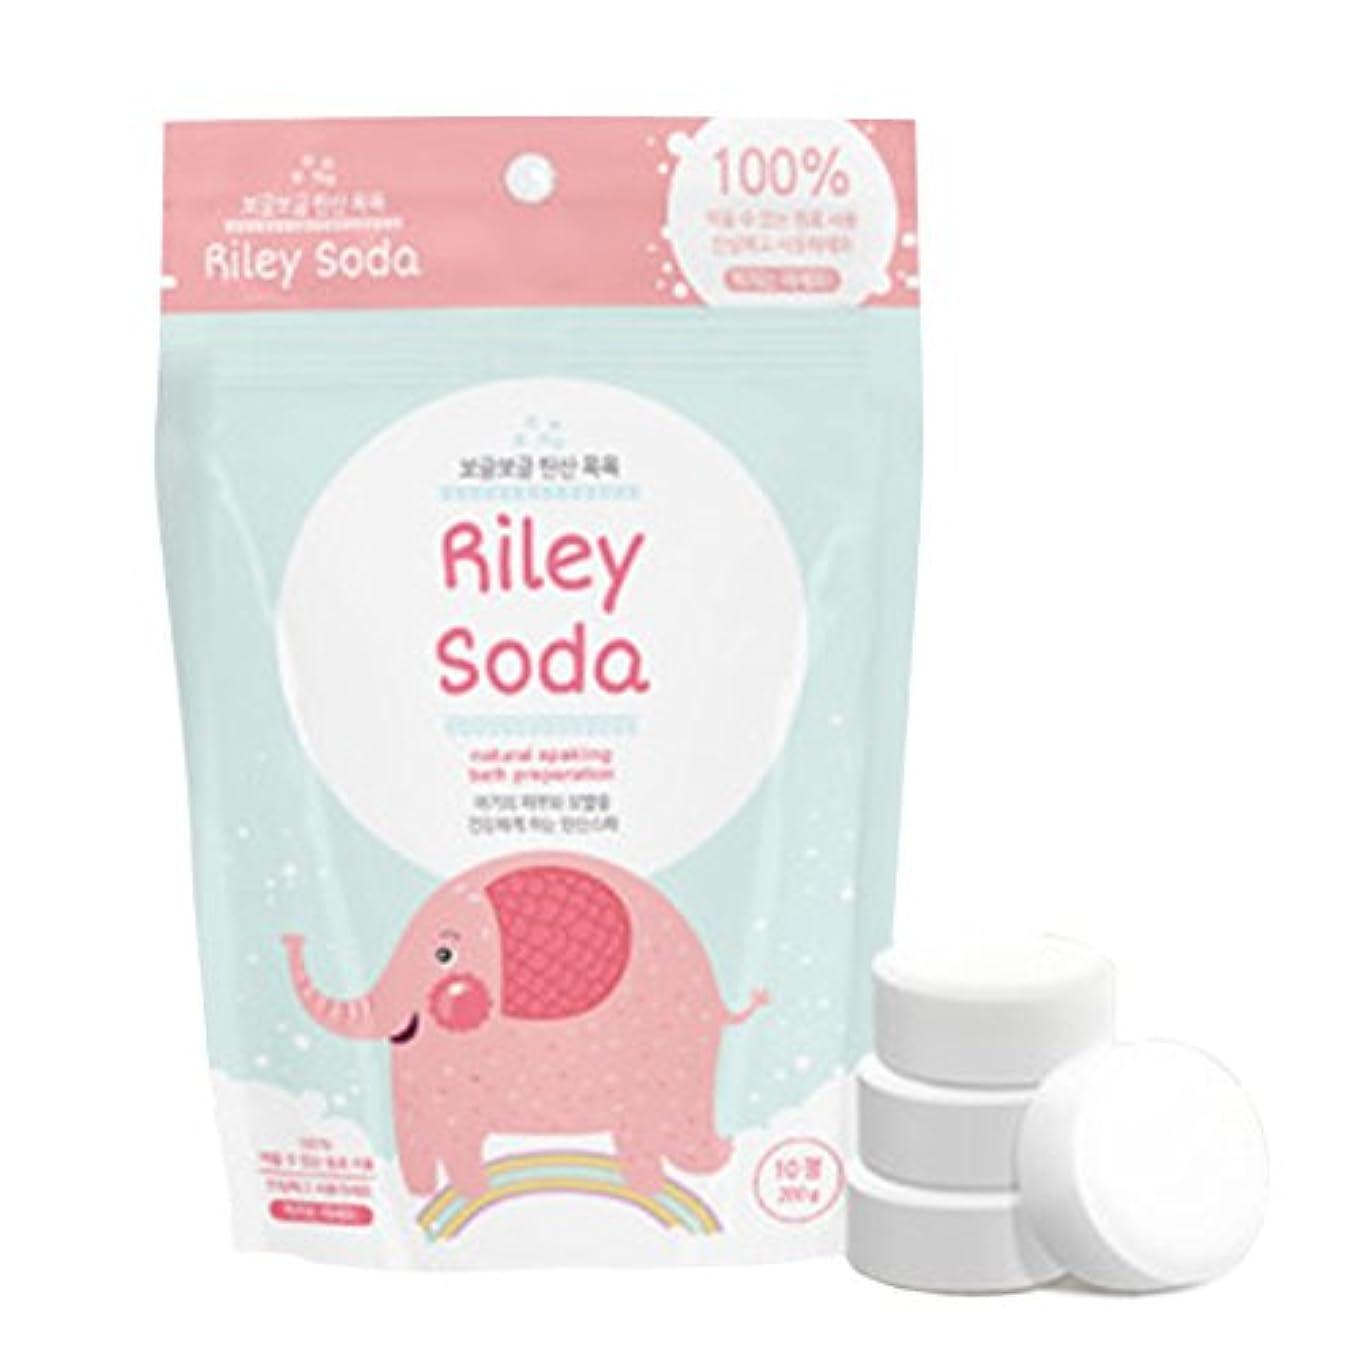 悪行注意寄り添う(リリーソ-ダ) Riley Soda アトピー赤ちゃん用炭酸温泉入浴剤 (10錠) [並行輸入品]